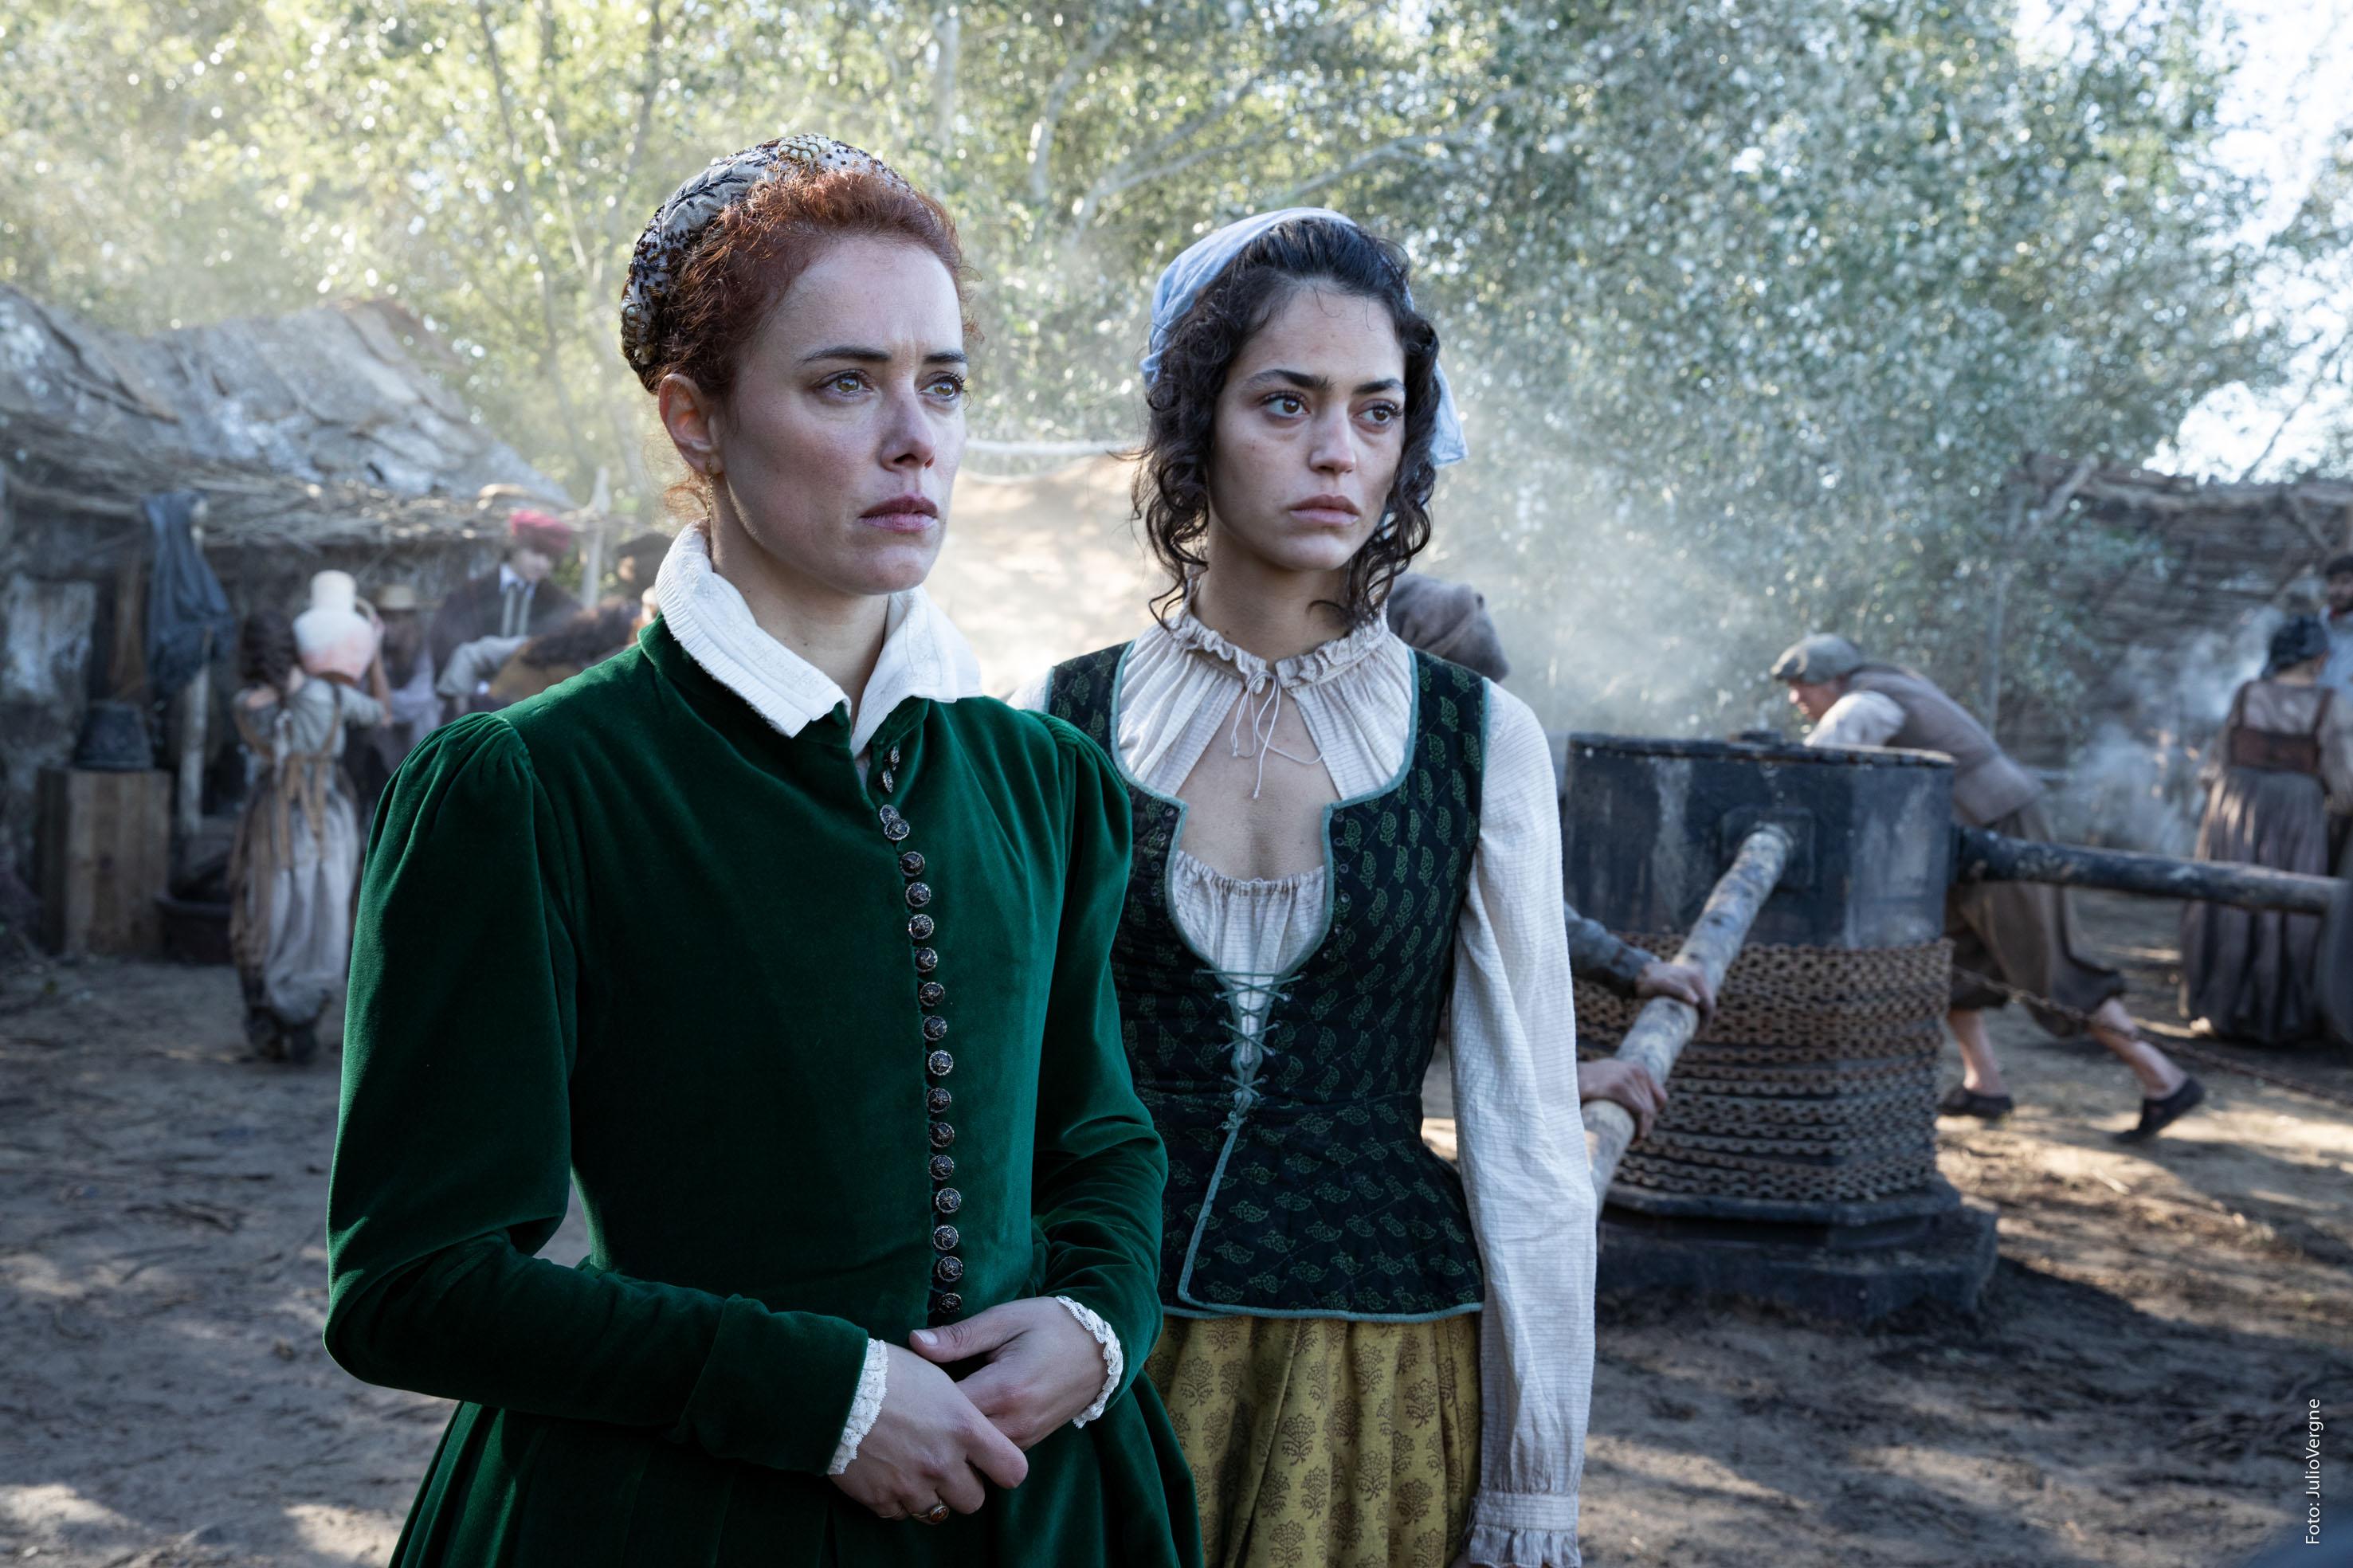 Tras el éxito cosechado por la primera temporada, La peste comenzó ayer lunes 11 su cuenta atrás para el inicio de una segunda entrega